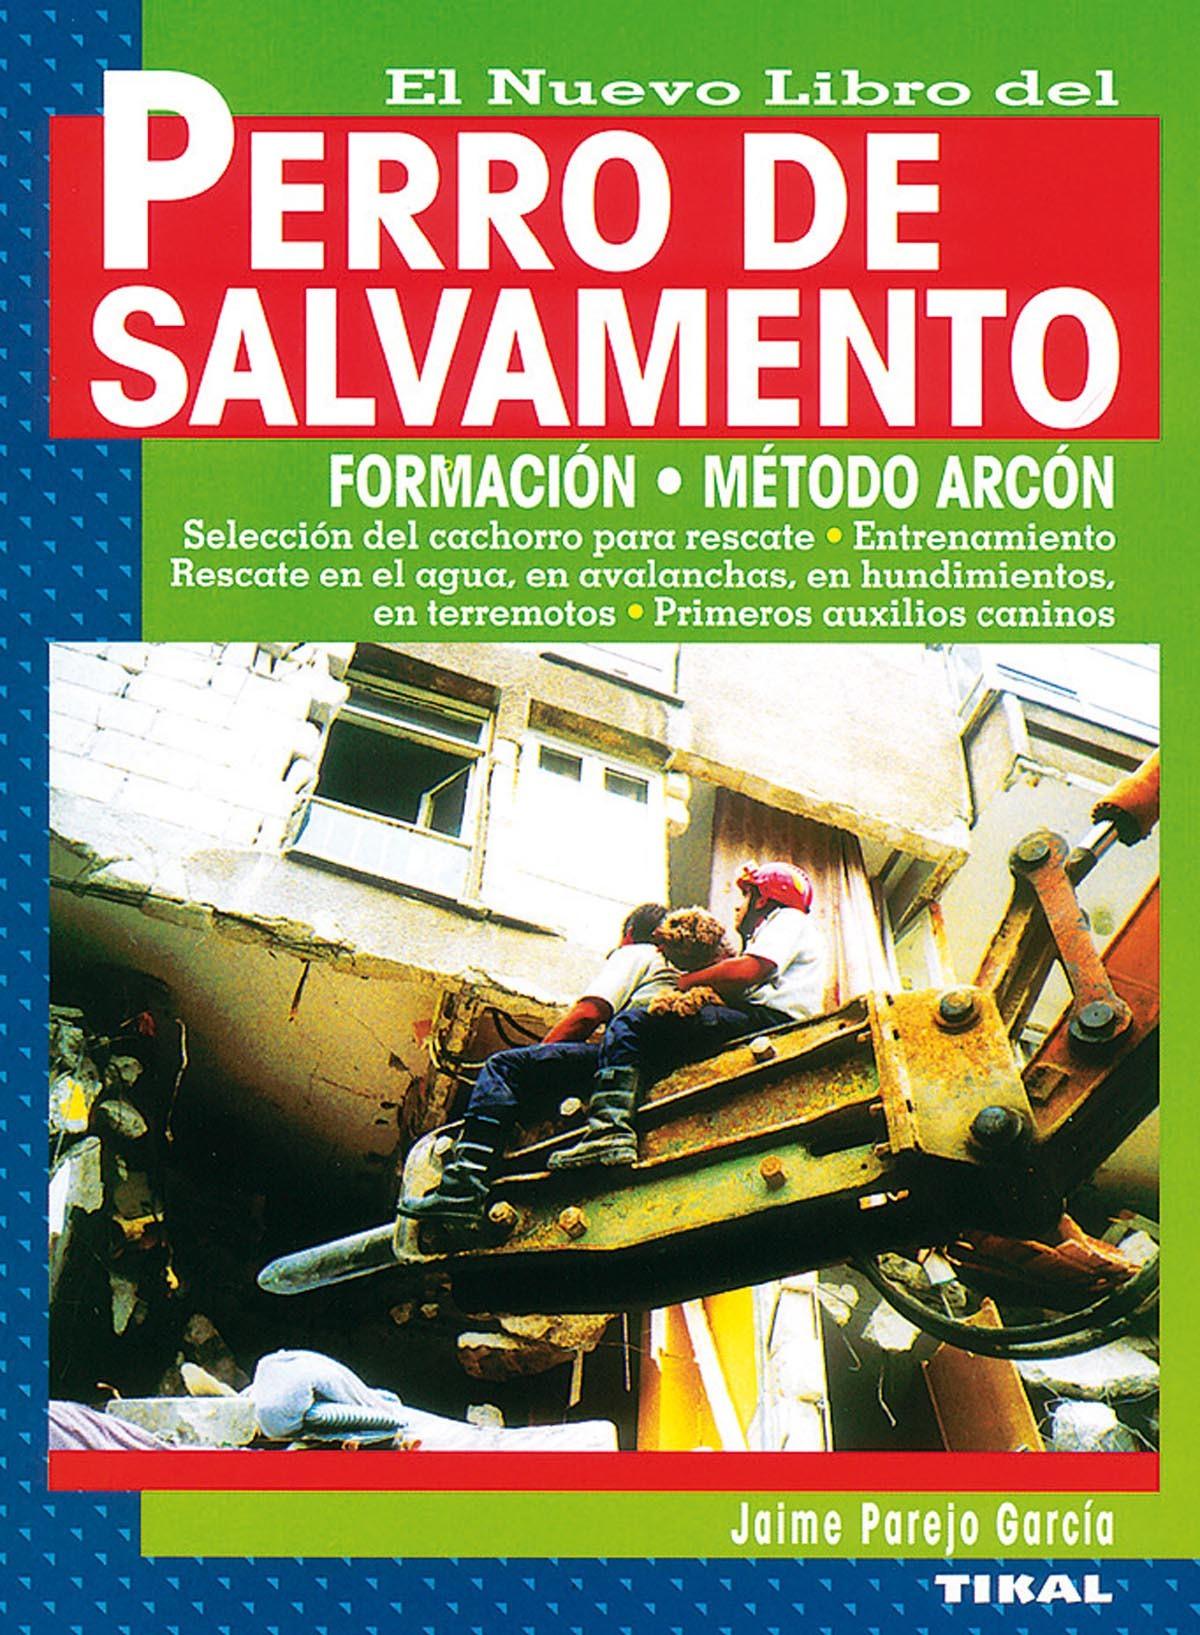 PERRO DE SALVAMENTO. FORMACION, METODO